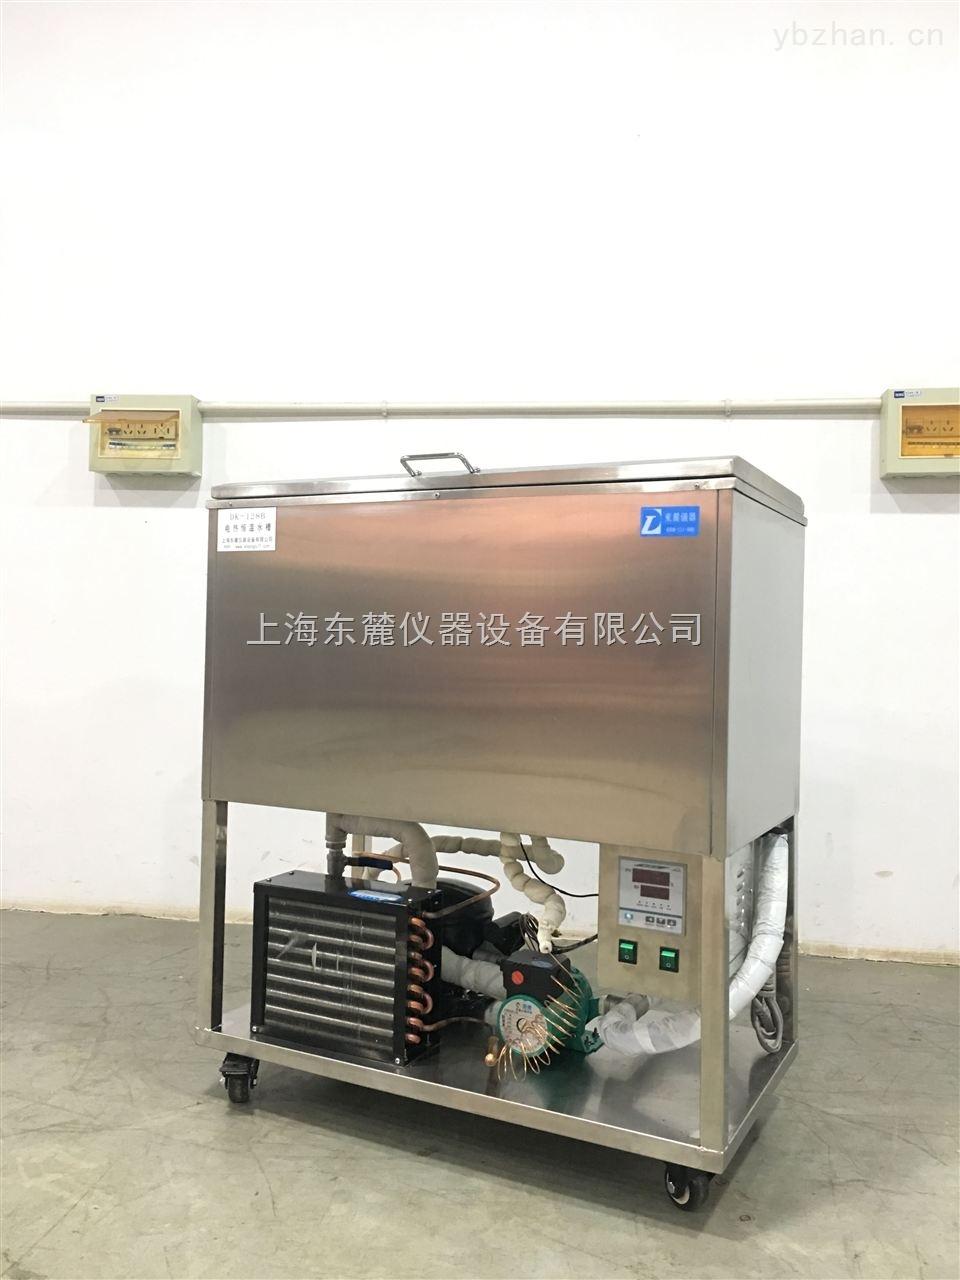 廠家直銷電熱恒溫水槽